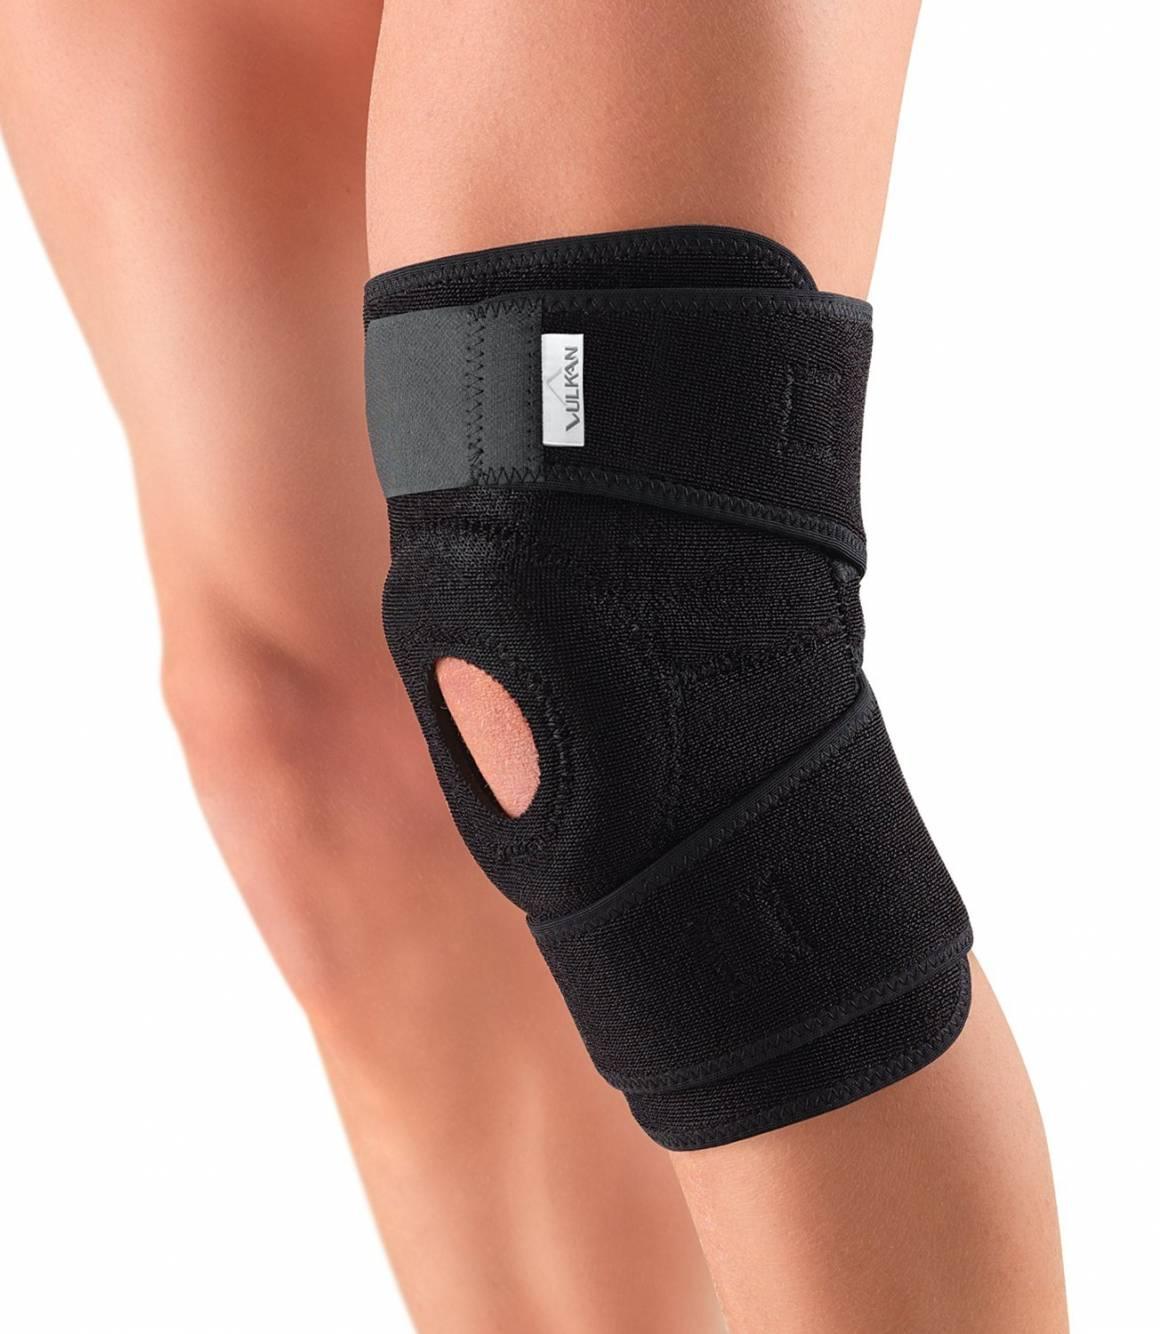 migliori tutori per ginocchio 1160x1334 - Comprare i migliori tutori per ginocchio: guida e consigli per l'acquisto